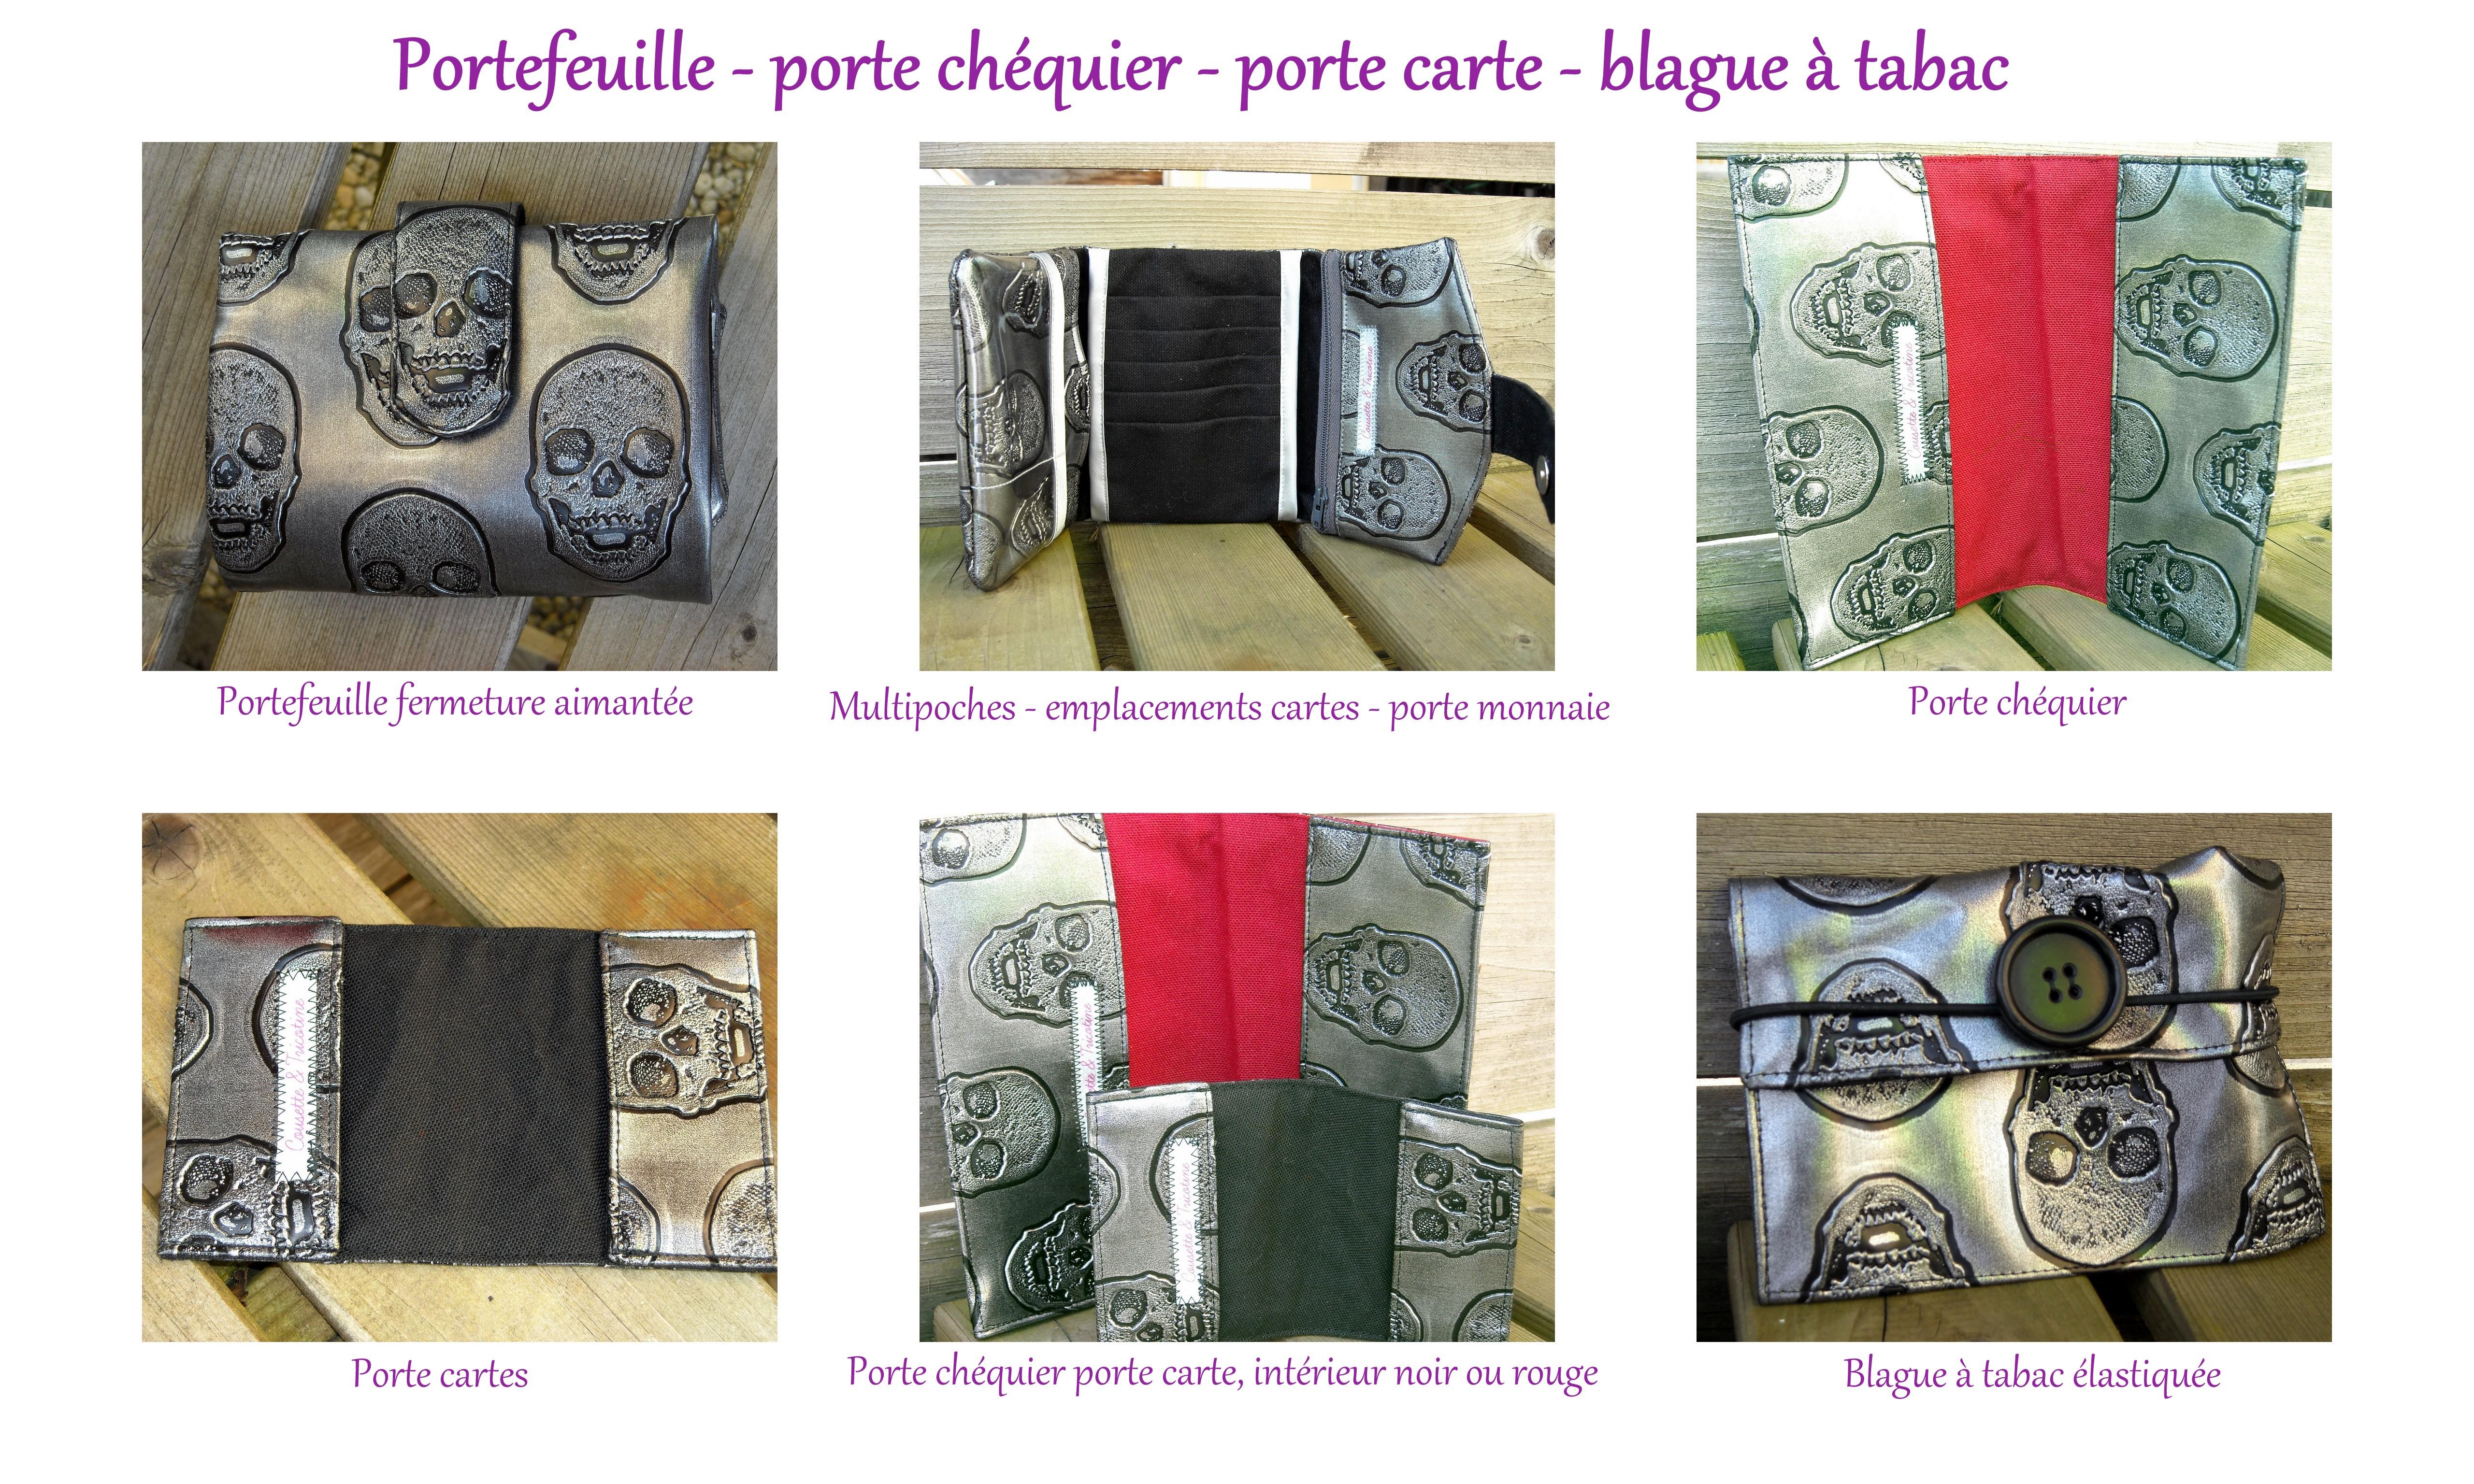 Portefeuille_etc_montage_Nouveautés_sept_20131.jpg